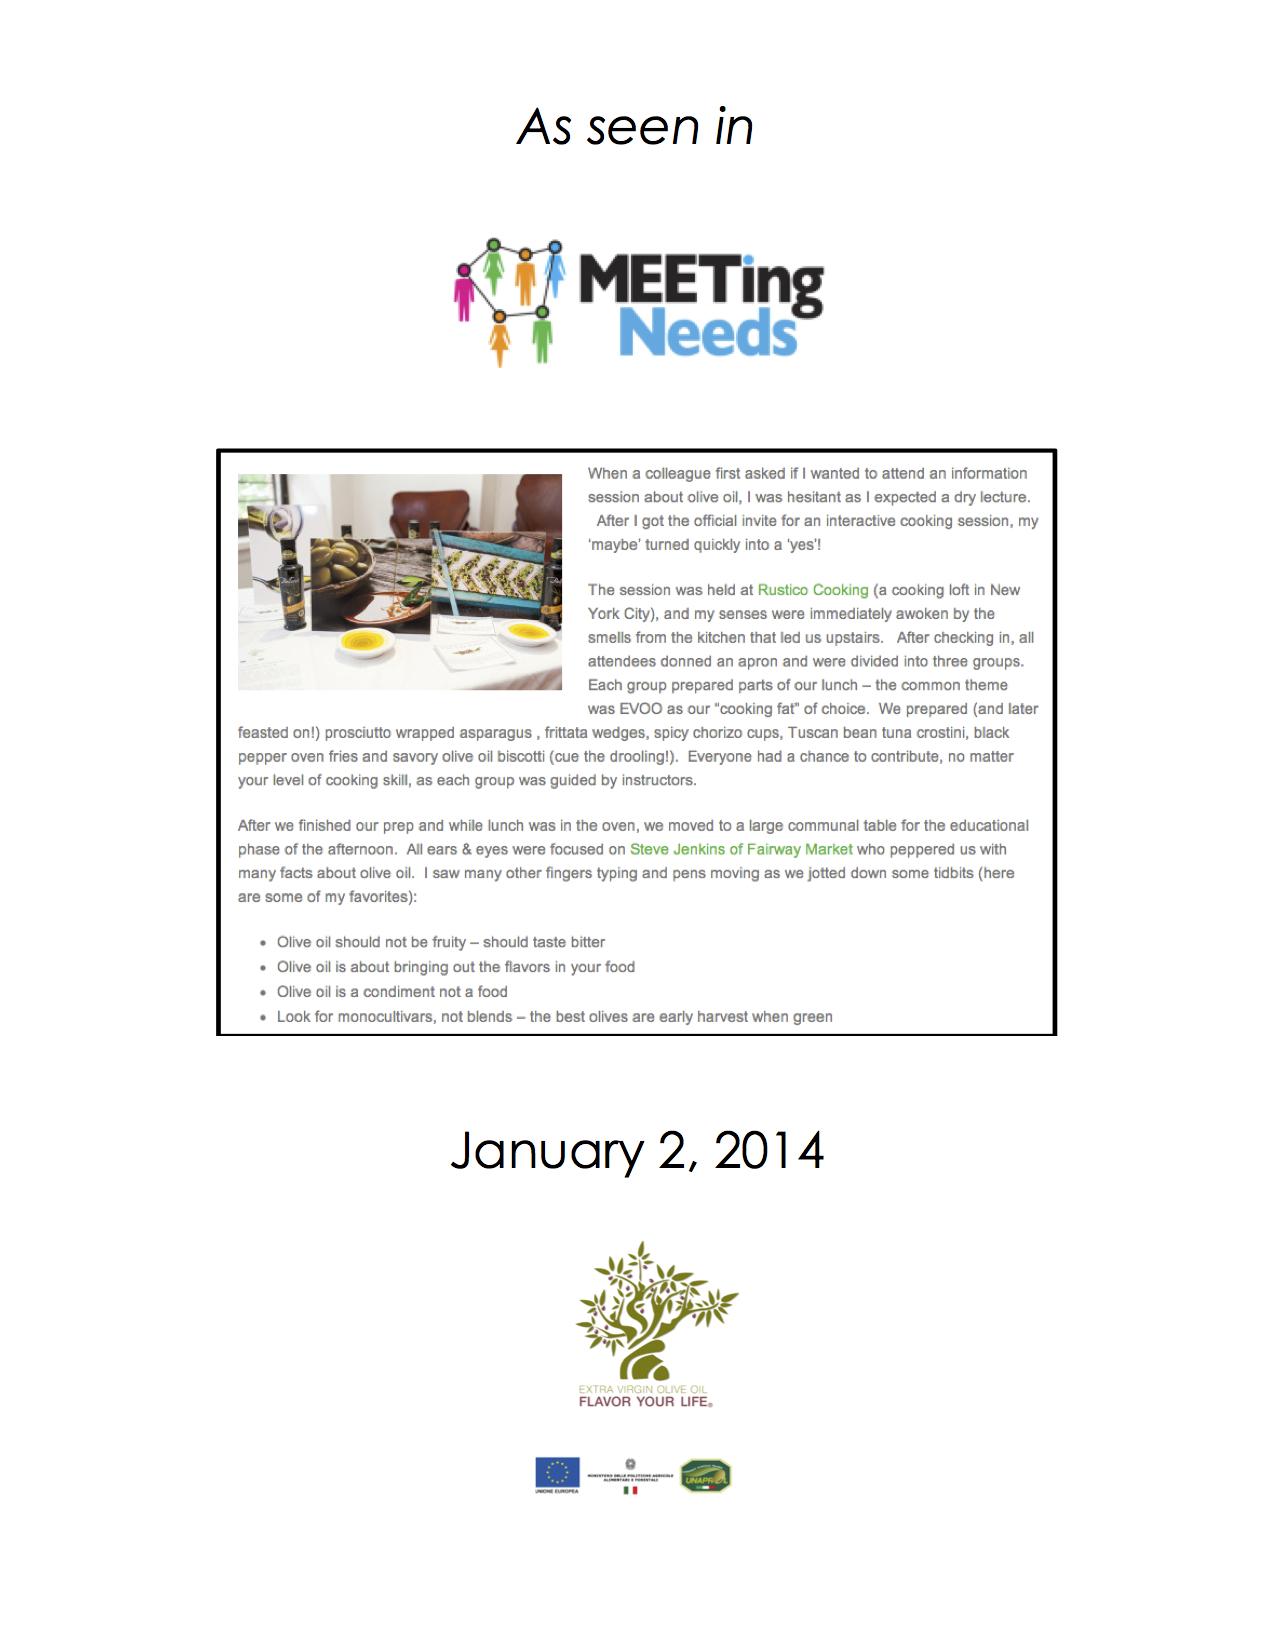 evoo as seen in - meeting needs.jpg